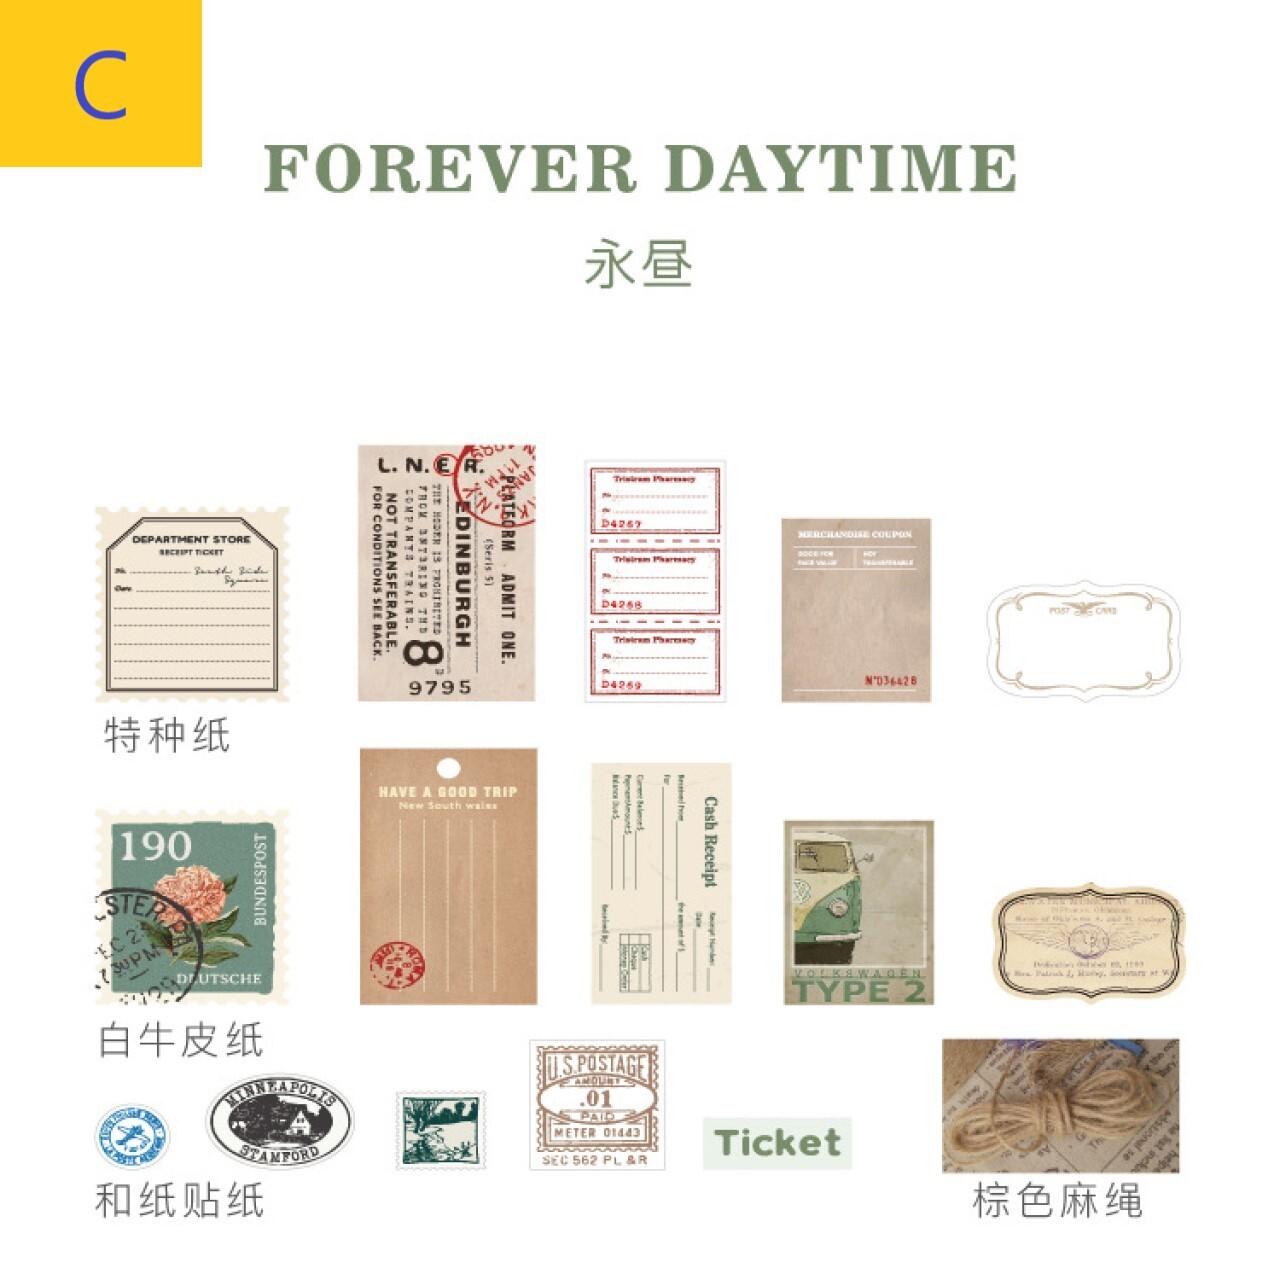 コラージュ 素材一式 全4種 シール 特殊紙 紙タグ ミニサイズ ジャンクジャーナル 紙もの ほぼ日手帳 D42